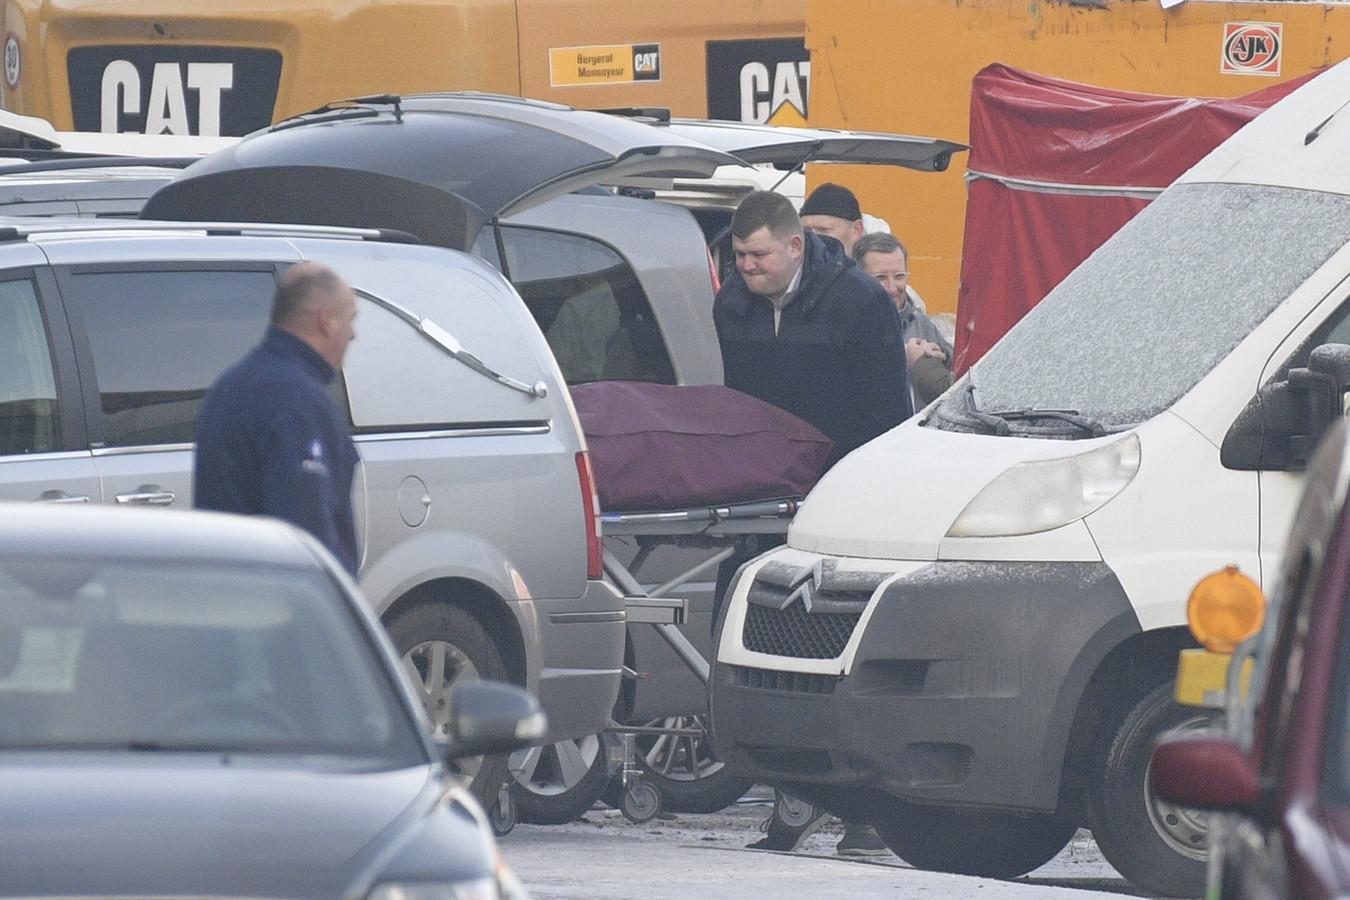 Op 29 januari kwamen drie laboranten uit Eindhoven om het leven in een drugslab in Hechtel-Eksel in België. Het nu opgerolde netwerk is volgens de politie verantwoordelijk voor dit lab.